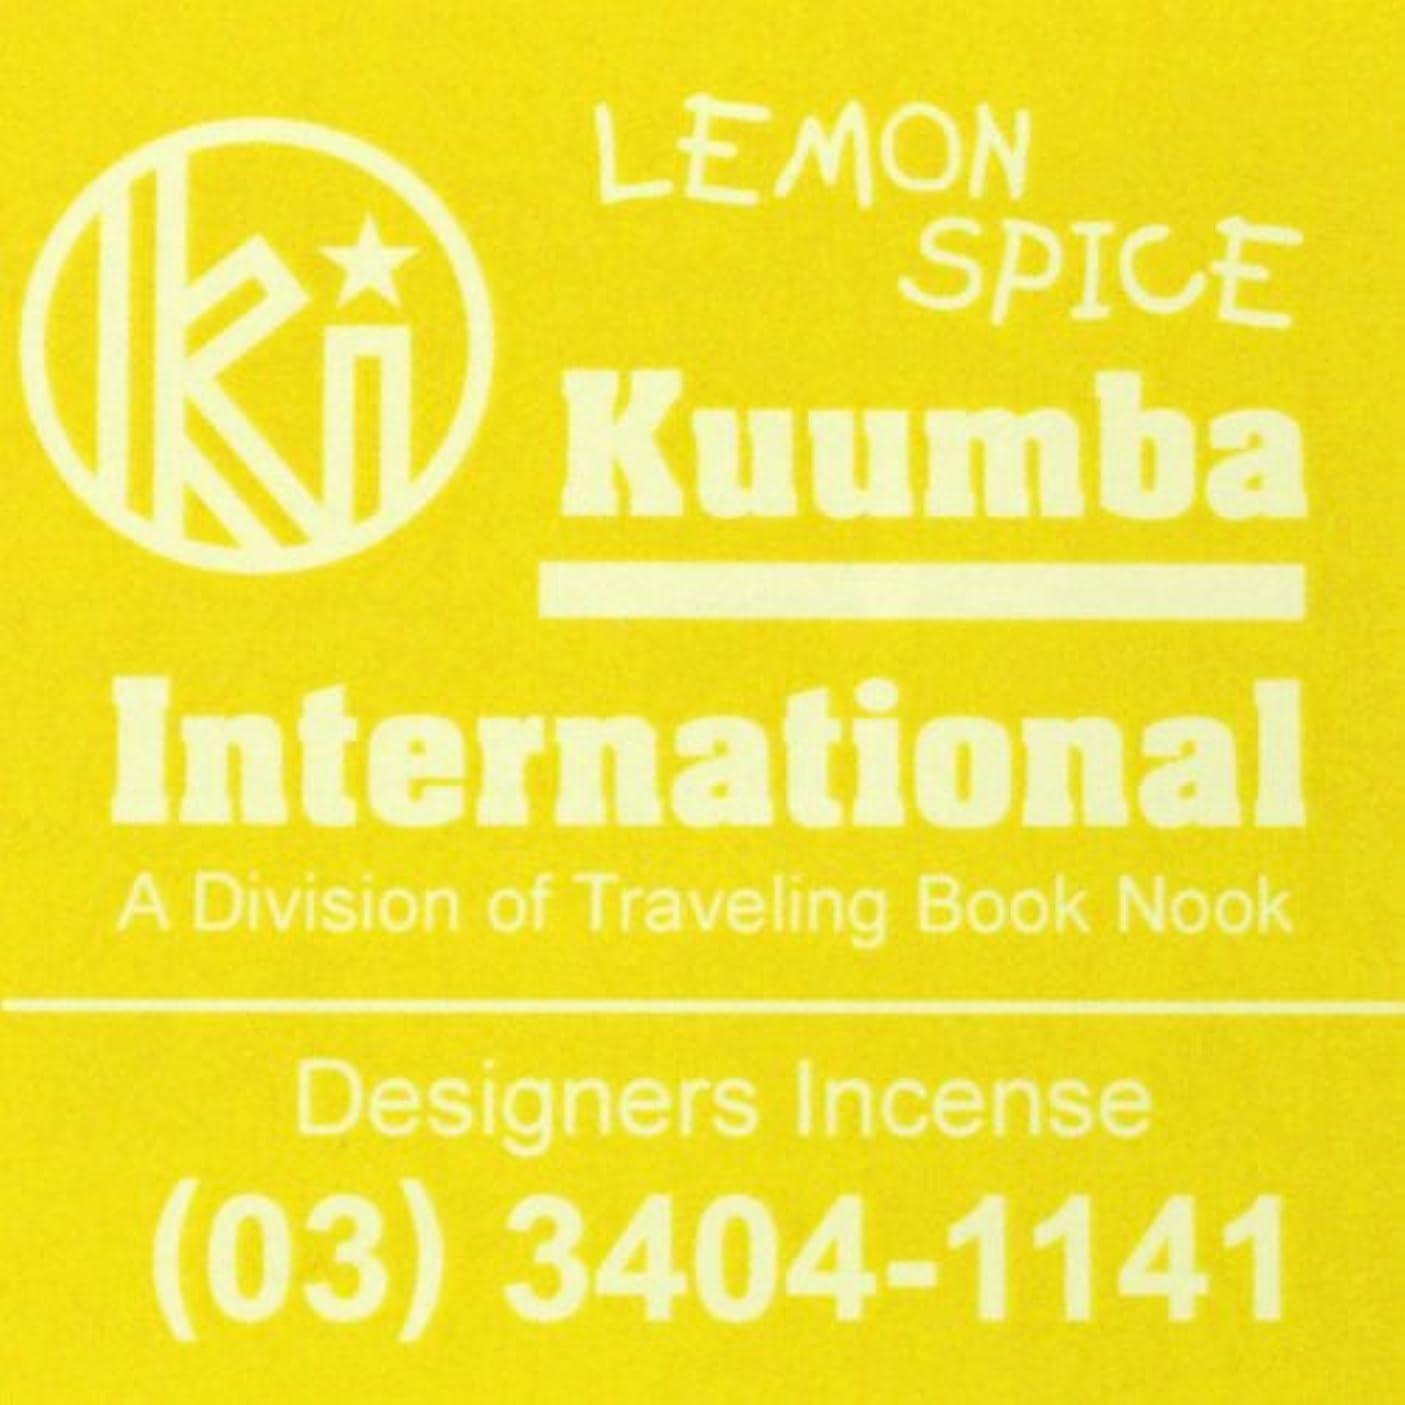 に頼る自発振る(クンバ) KUUMBA『incense』(LEMON SPICE) (Regular size)